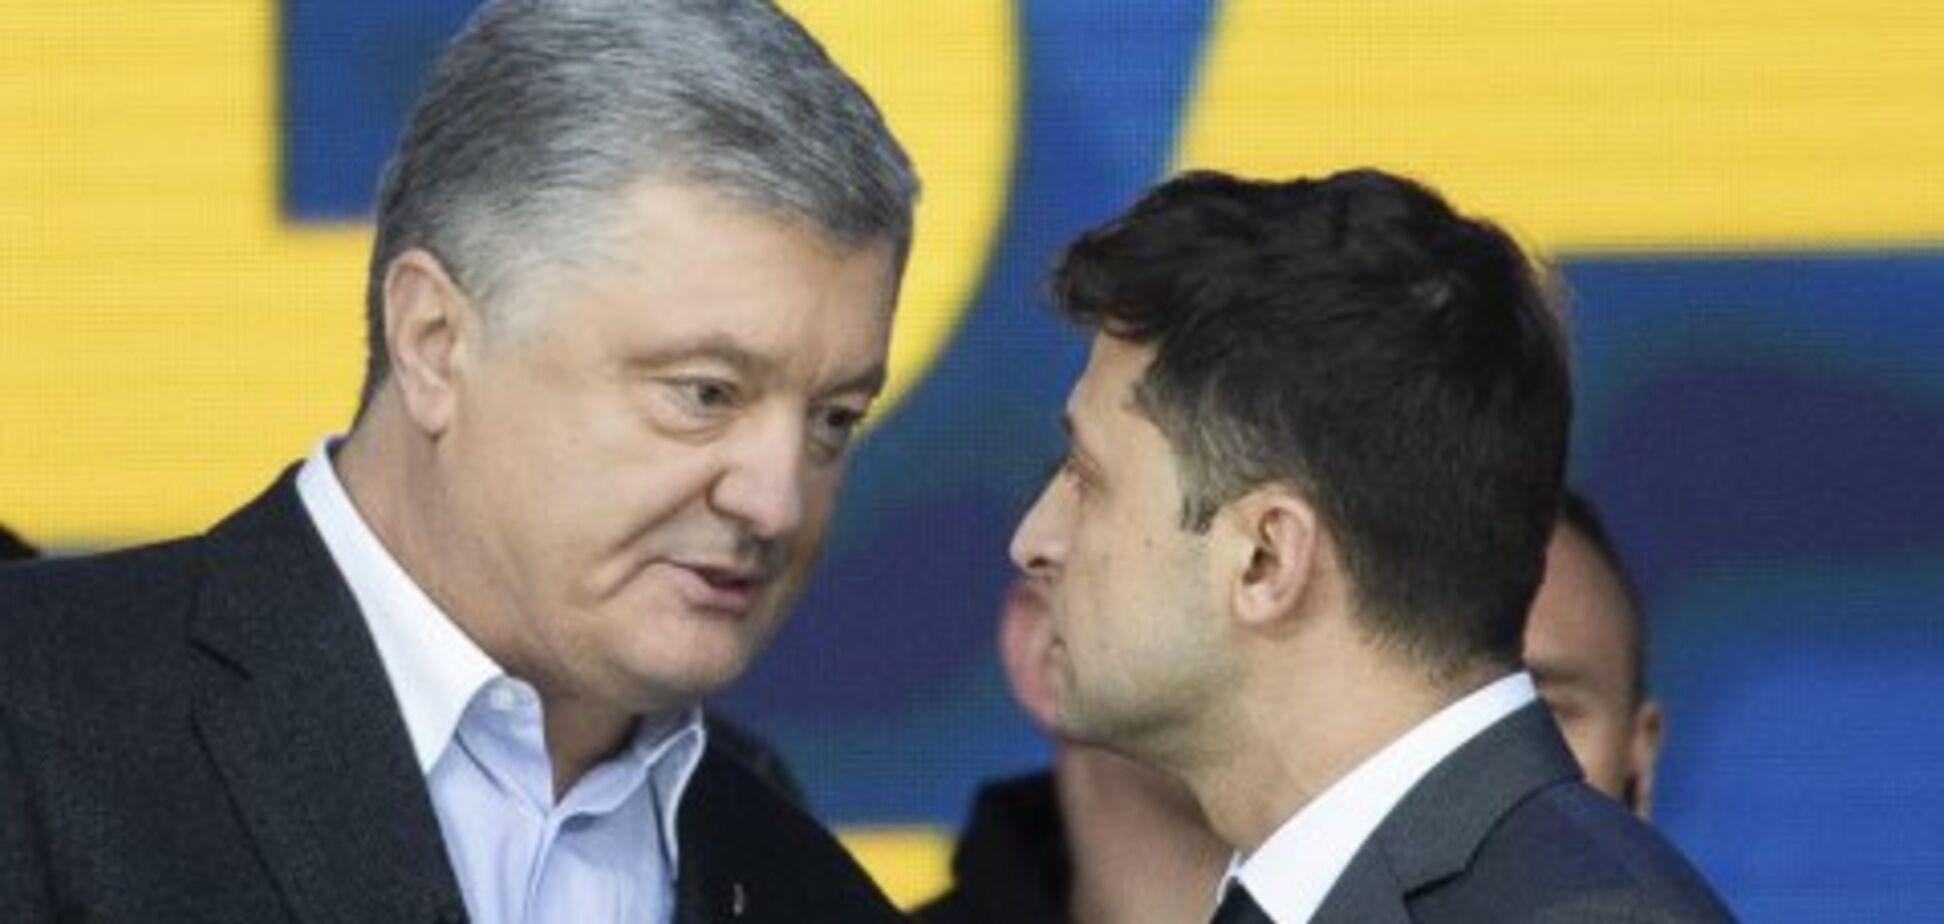 Як Янукович: в Європі присоромили Зеленського за політичне переслідування Порошенка